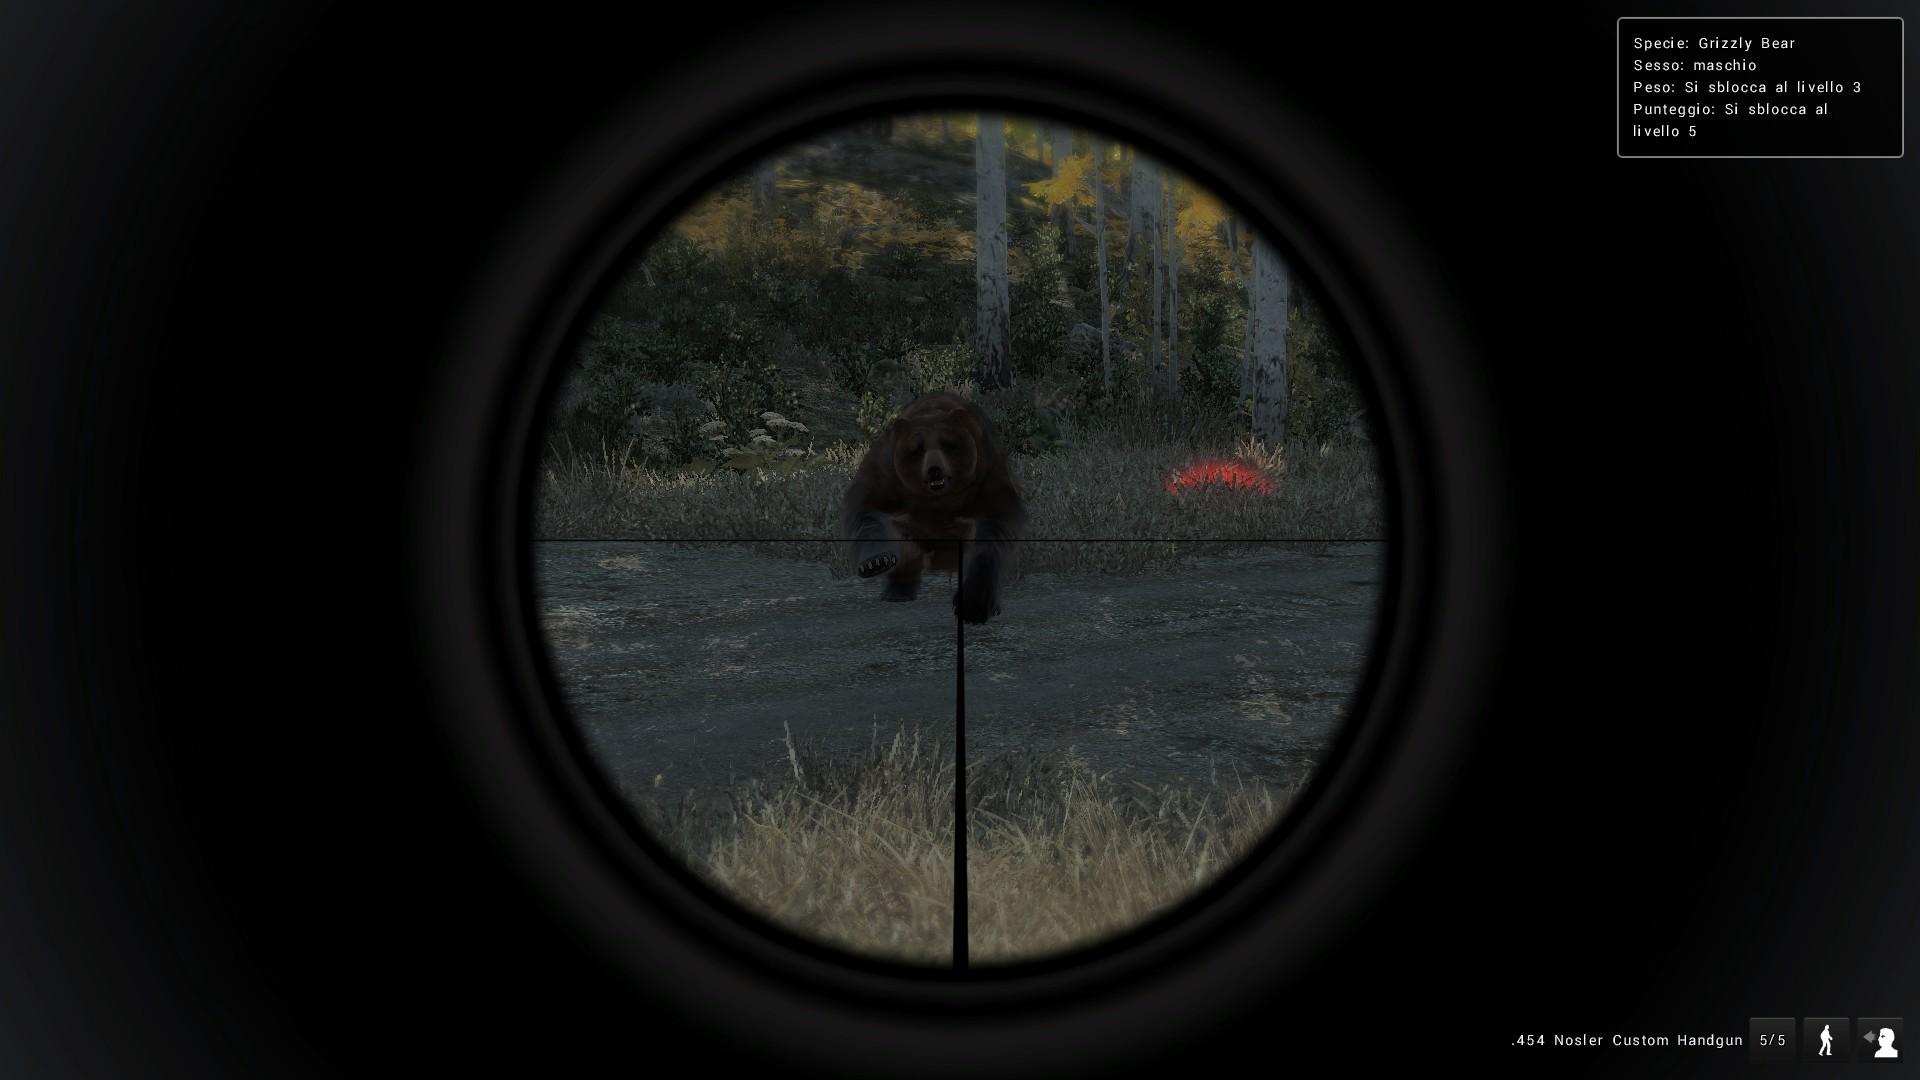 Grizzly Bear Attacchi e animazioni F758211F6E8805F4E1AB2B17A9F3F9B8F05F7E6D